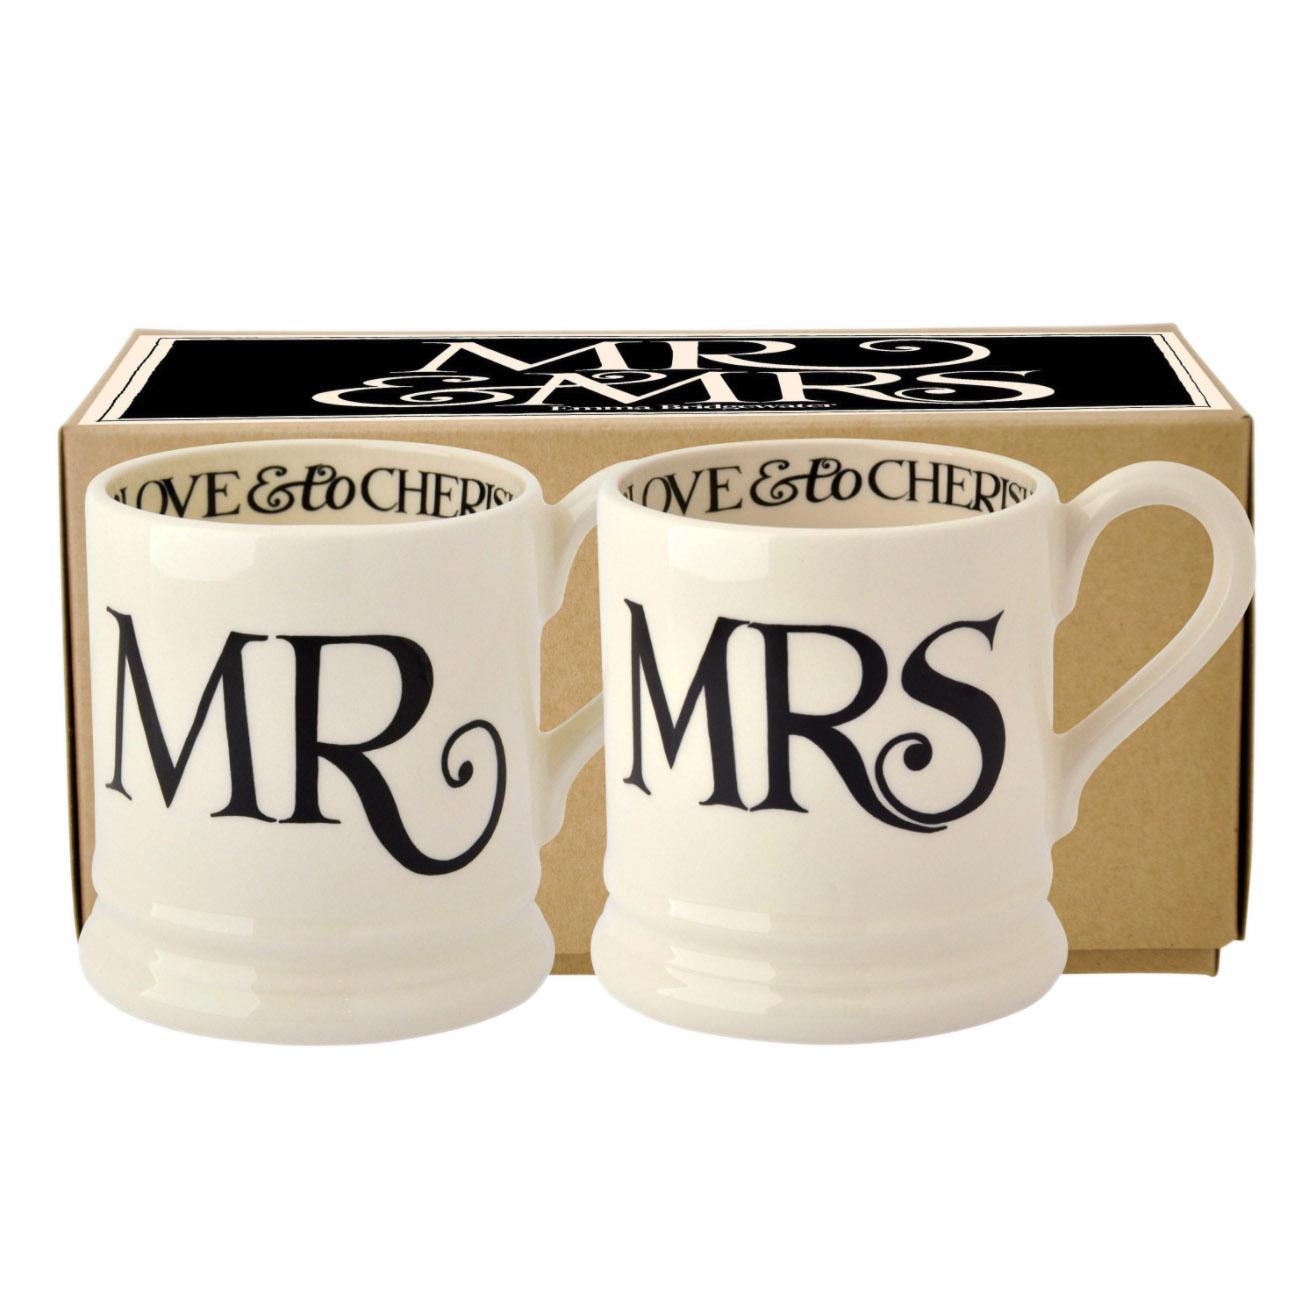 Mr & Mrs Set - 2 1/2 Pint Mugs Box-1